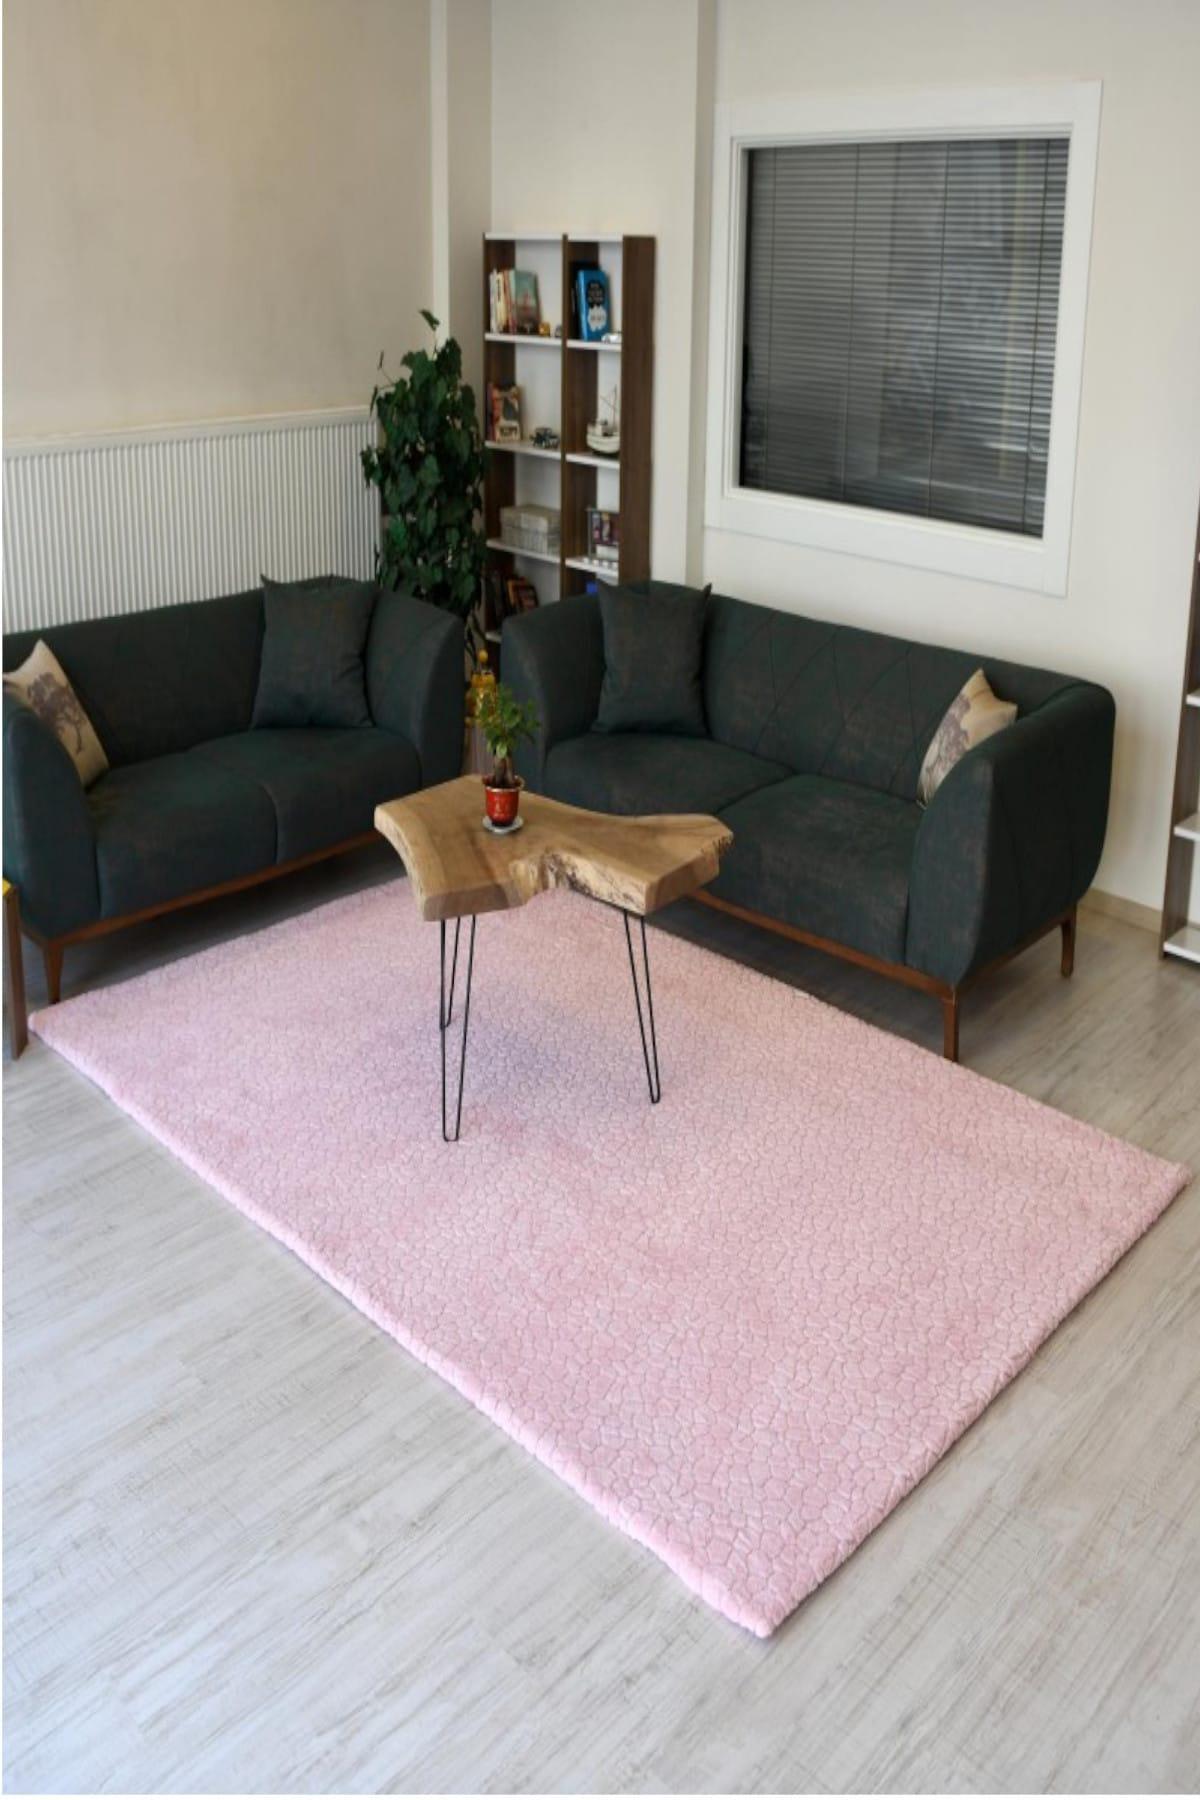 غطاء ديكور المنزل للسجاد السجاد غطاء السجاد النسيج الوردي